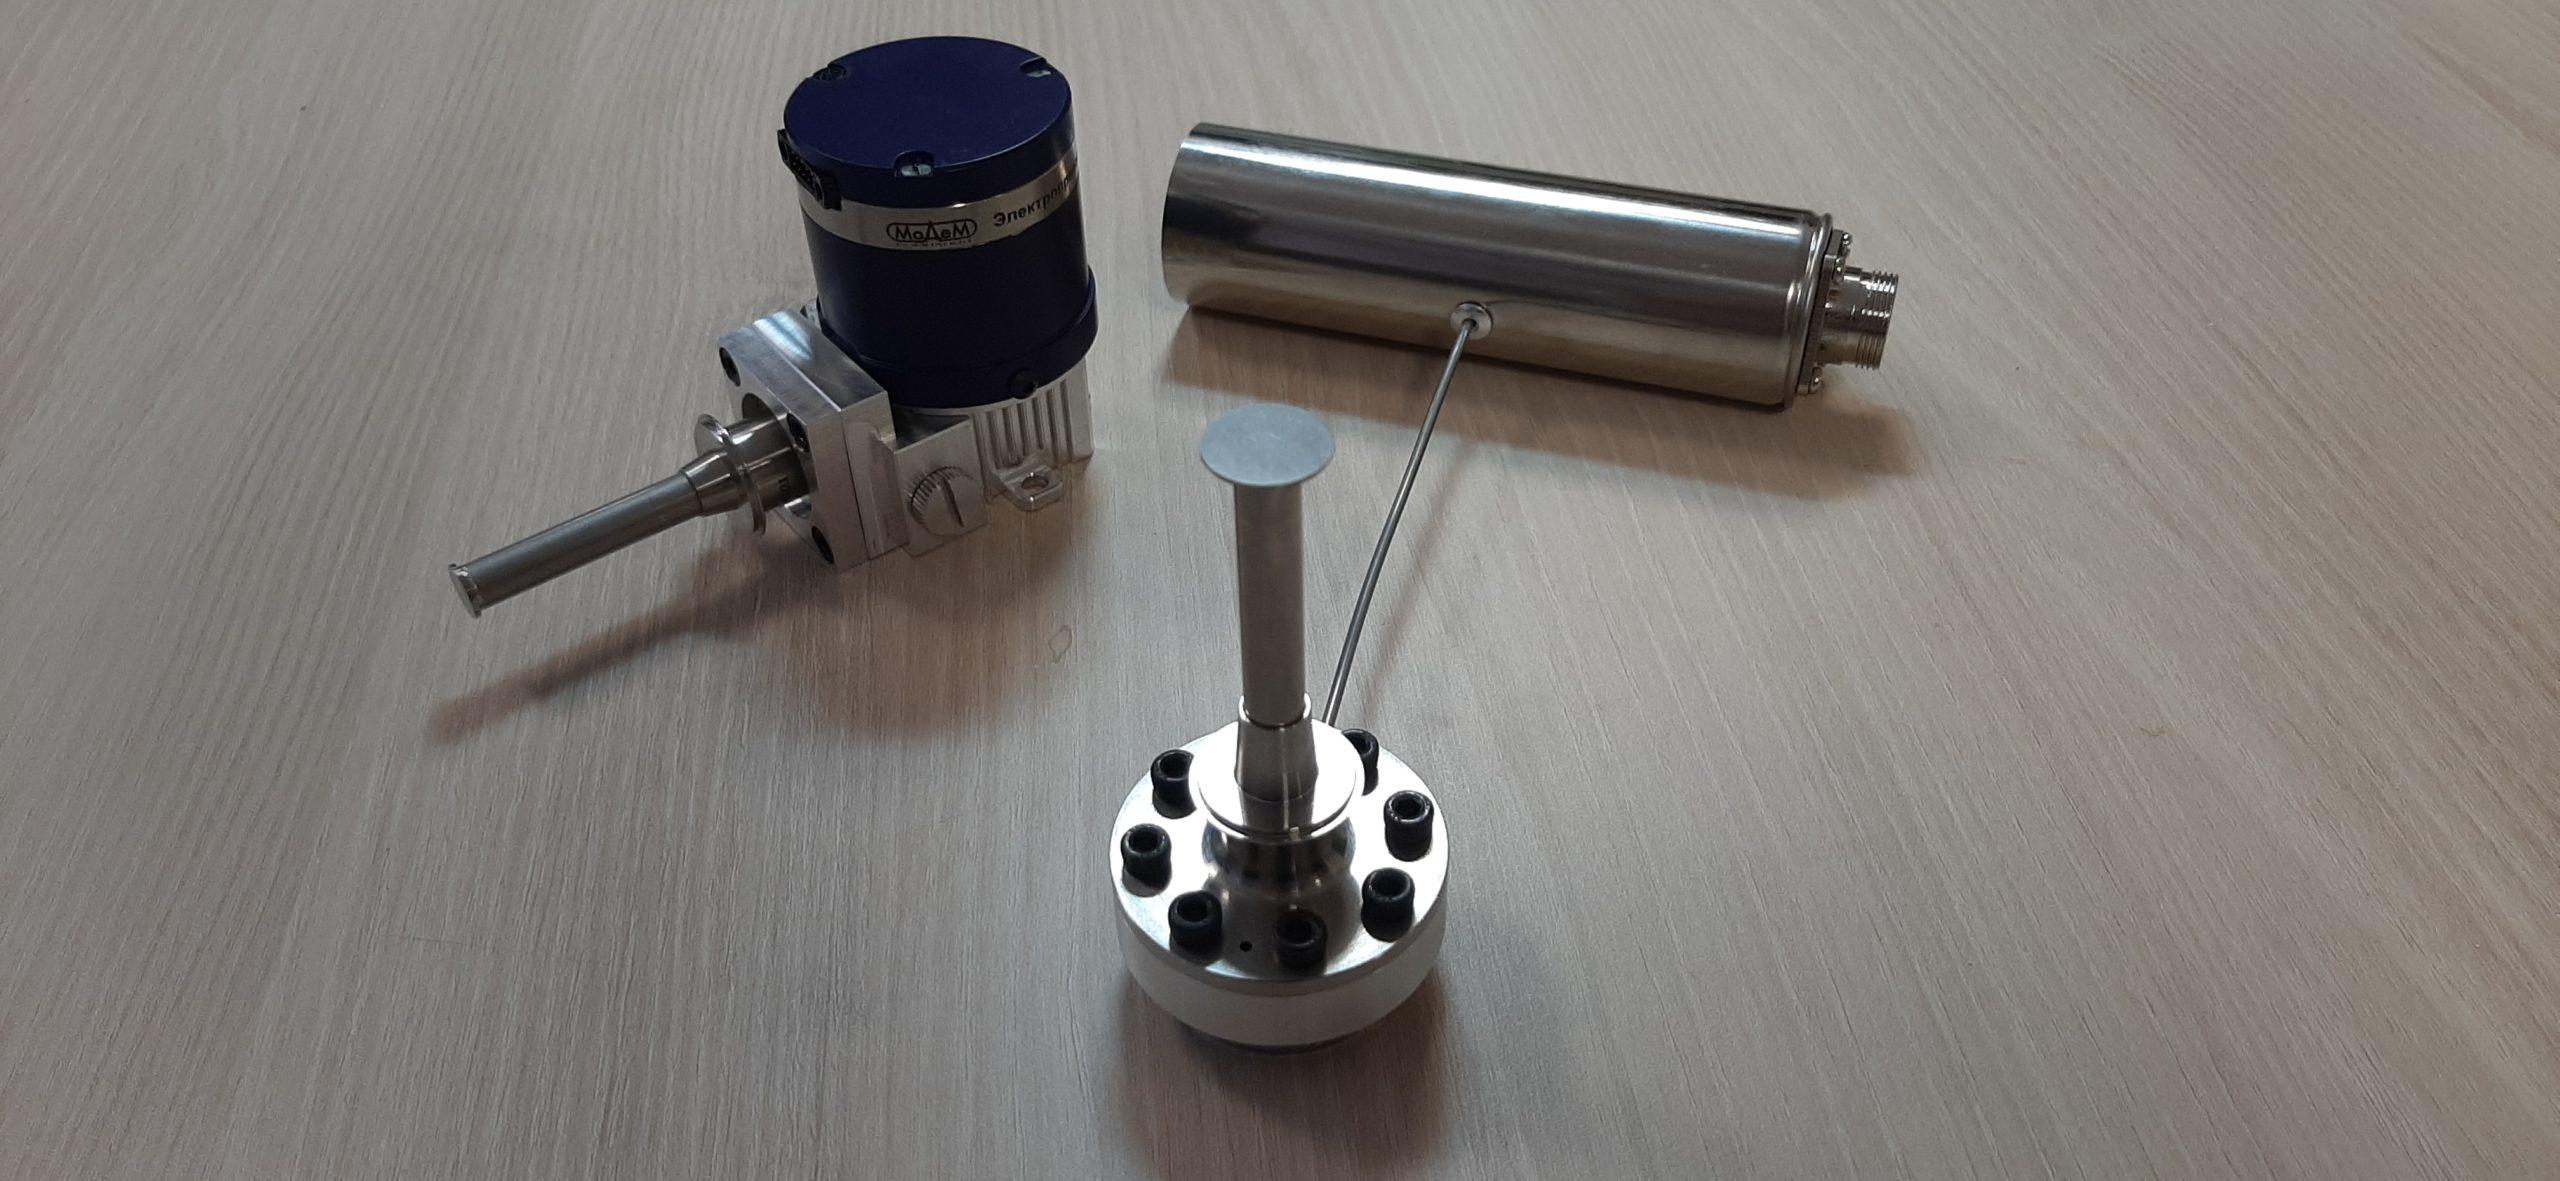 Микрокриогенные системы МКС500 и МКС400СЛ